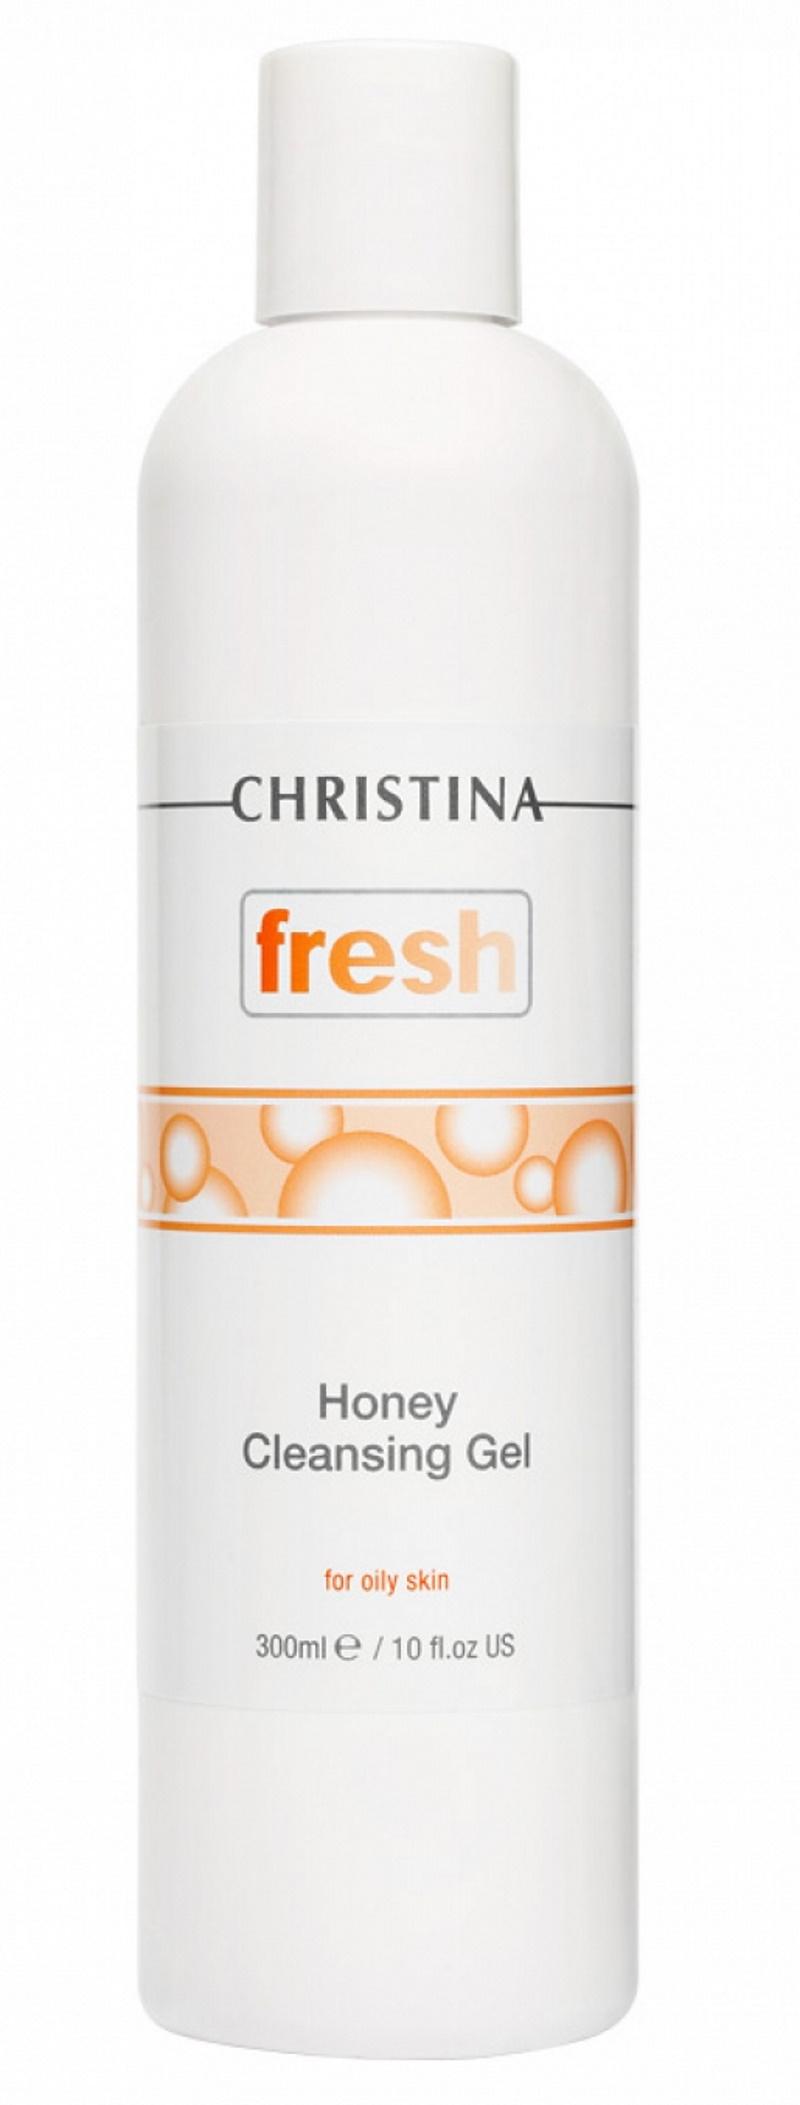 Christina Fresh Honey Cleansing Gel for oily skin